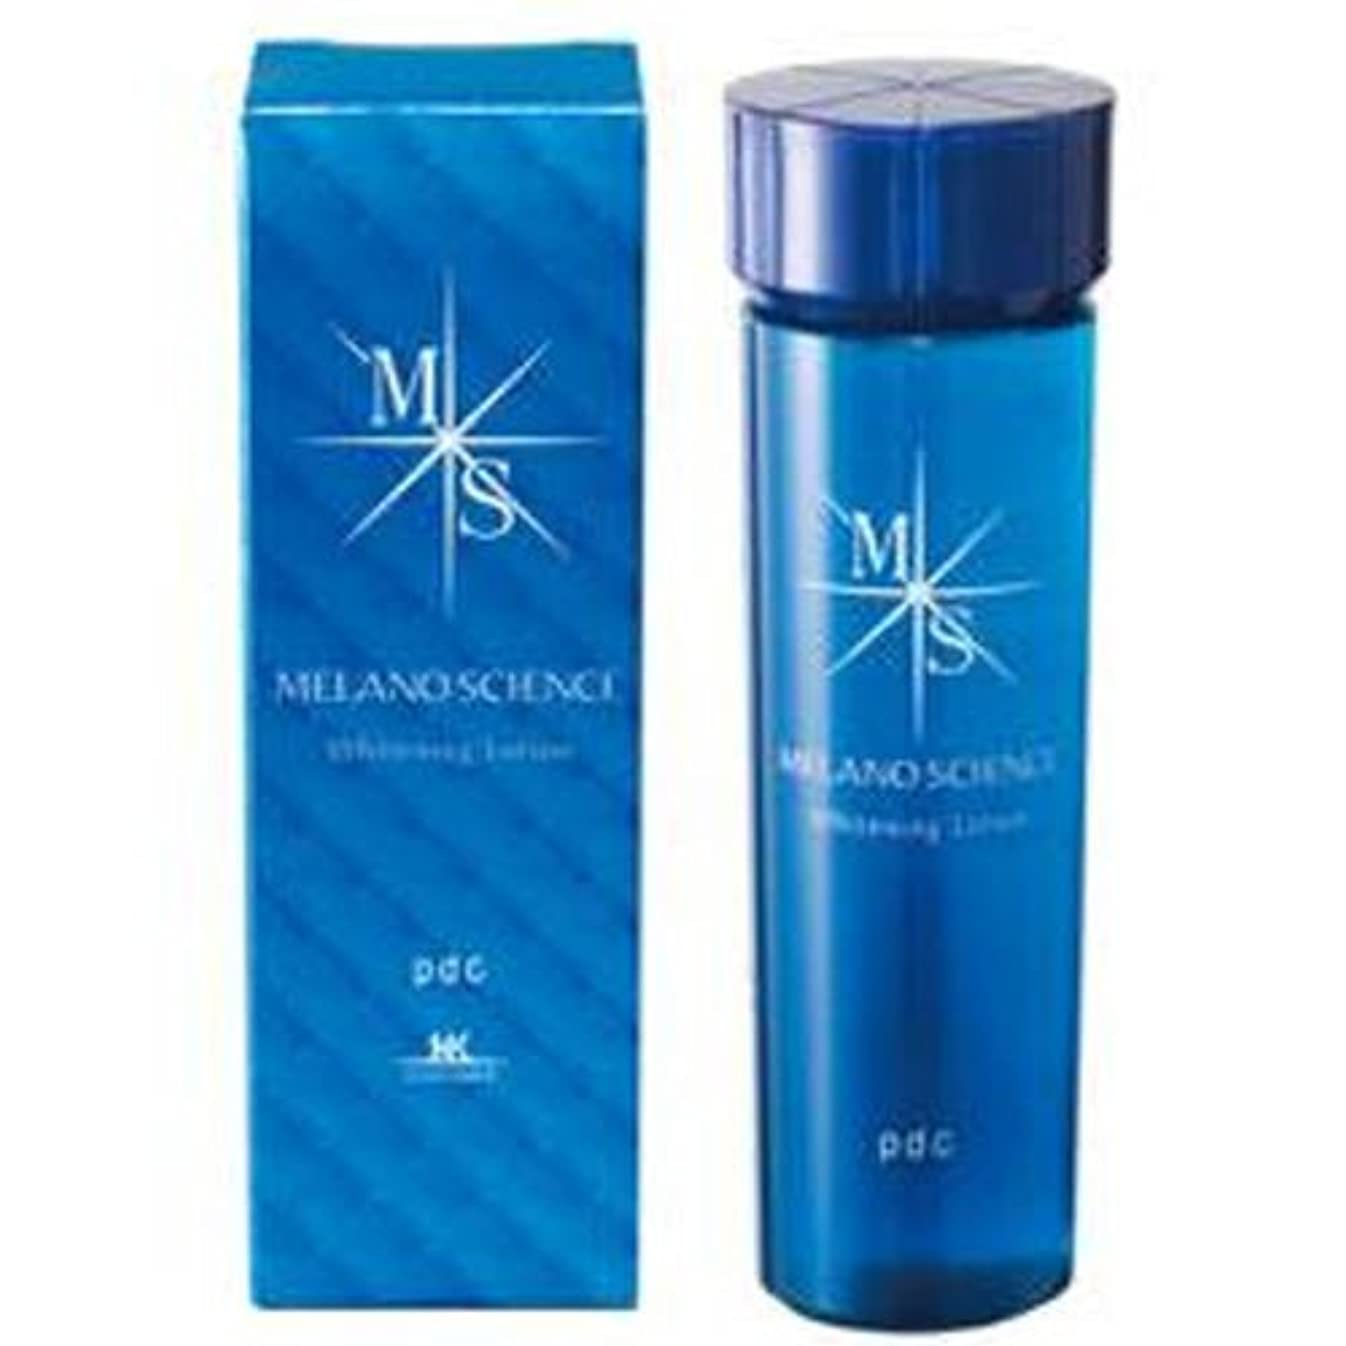 欠乏錆びリッチMK メラノサイエンス MELANOSCIENCE ホワイトニングローション 150ml 集中美白 アルブチン 化粧水